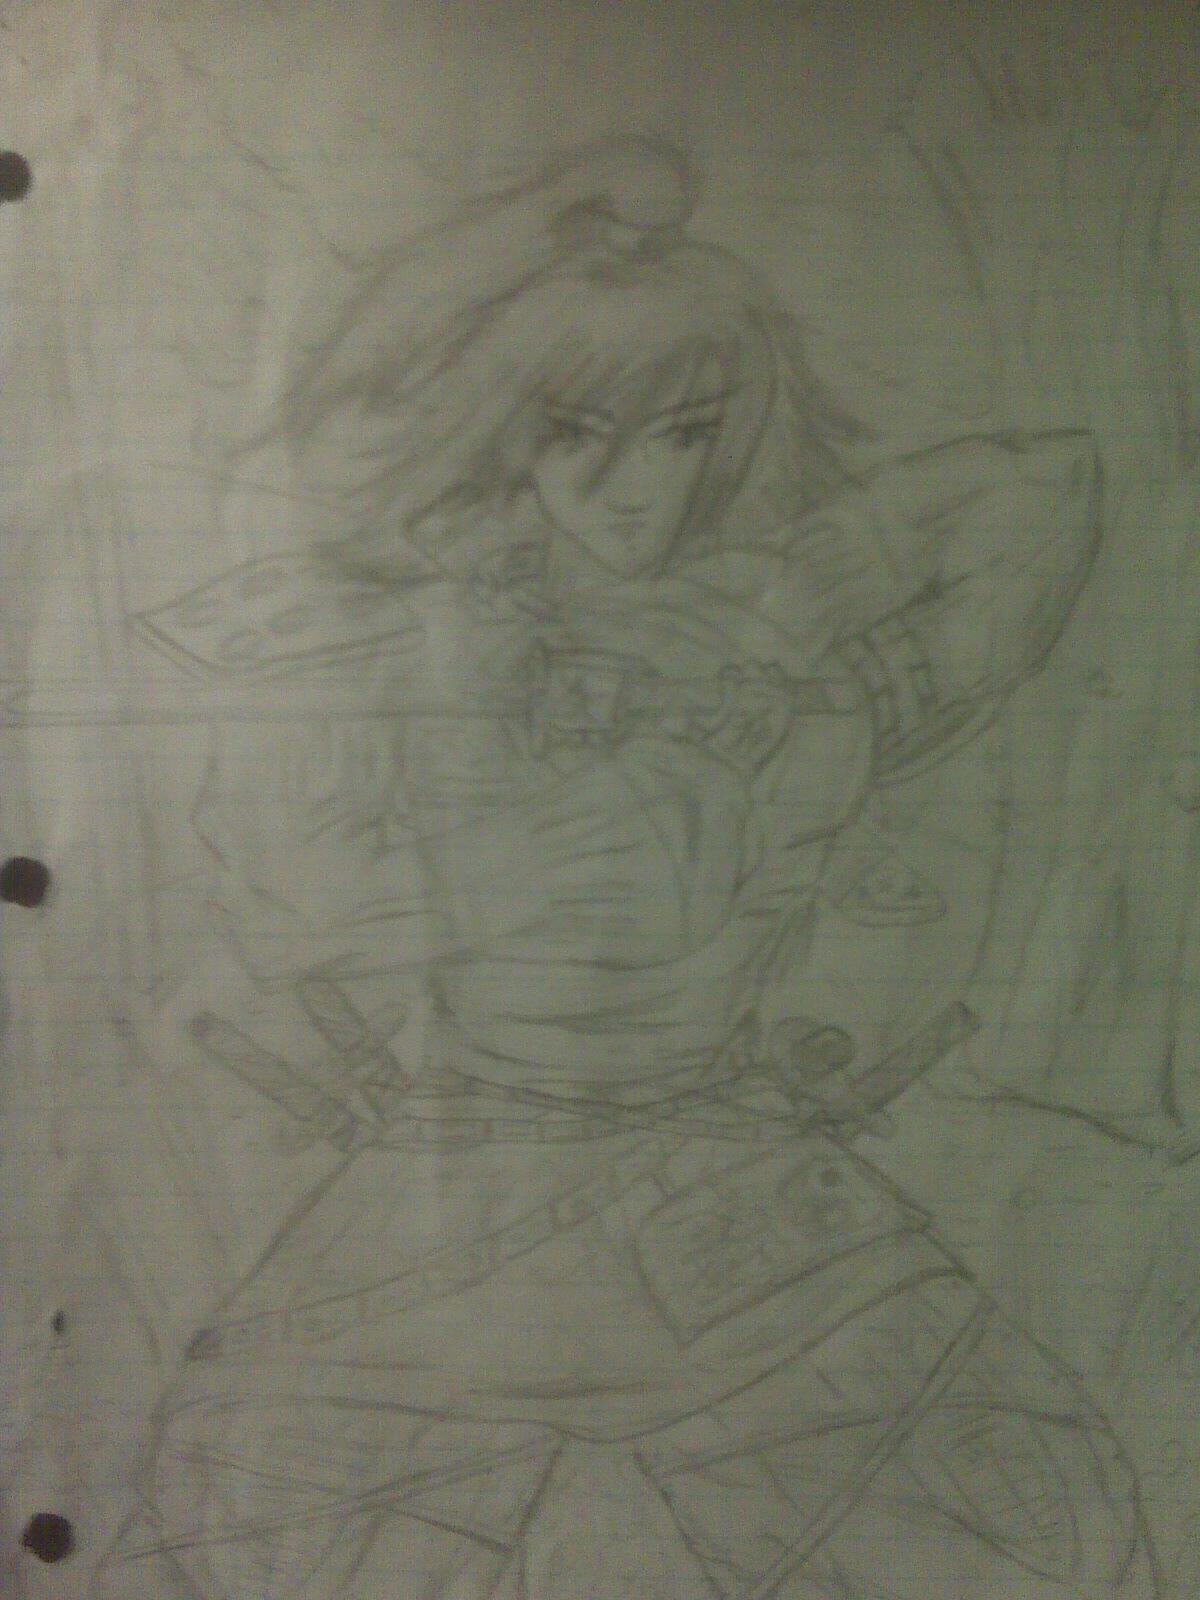 Samurai Shogun Manga